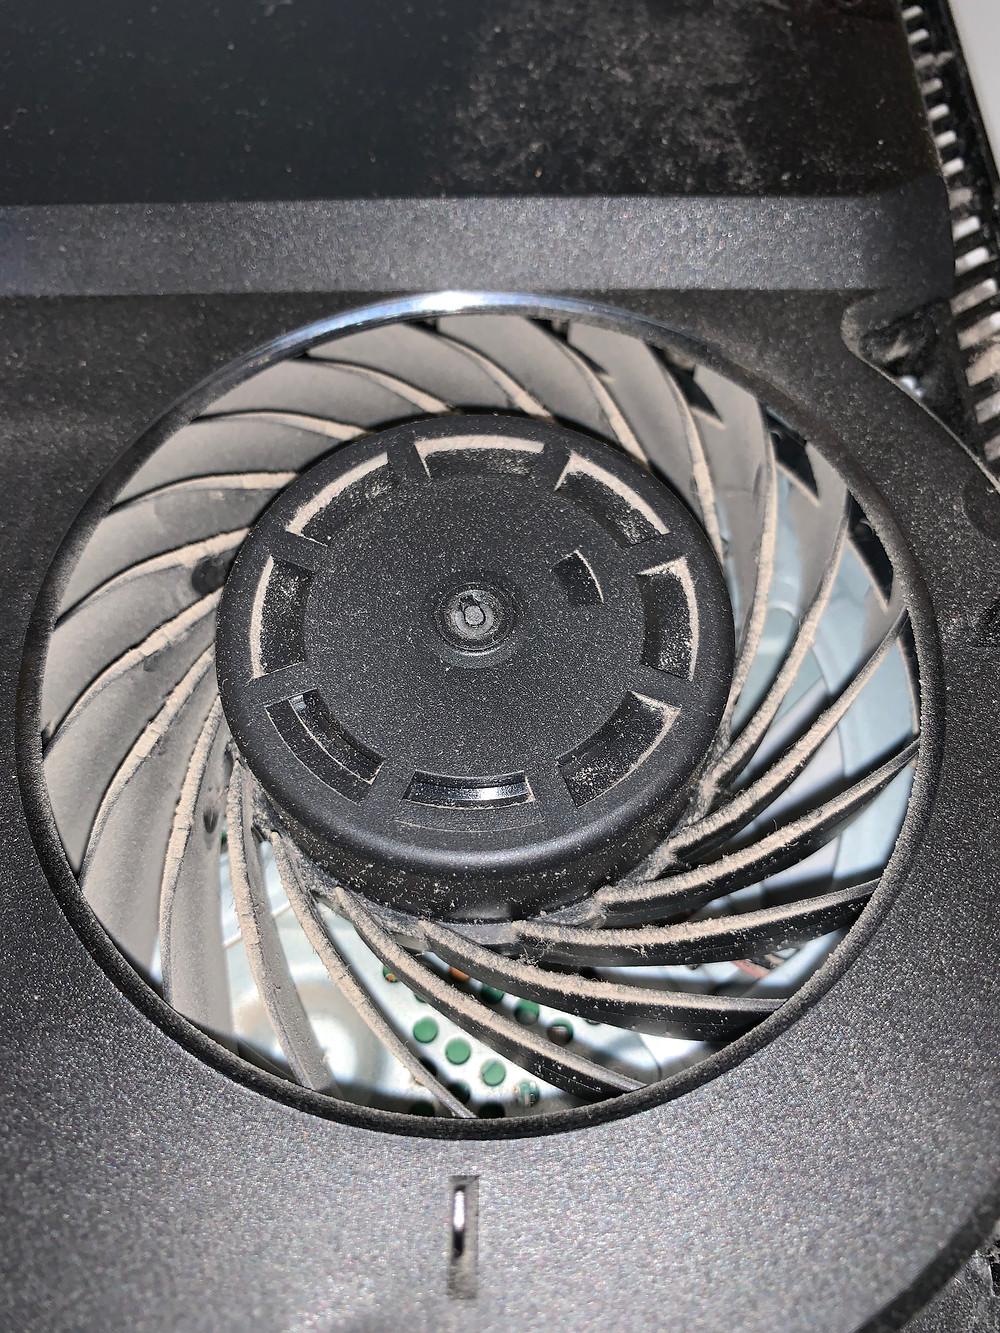 PS4 Fan Dirty